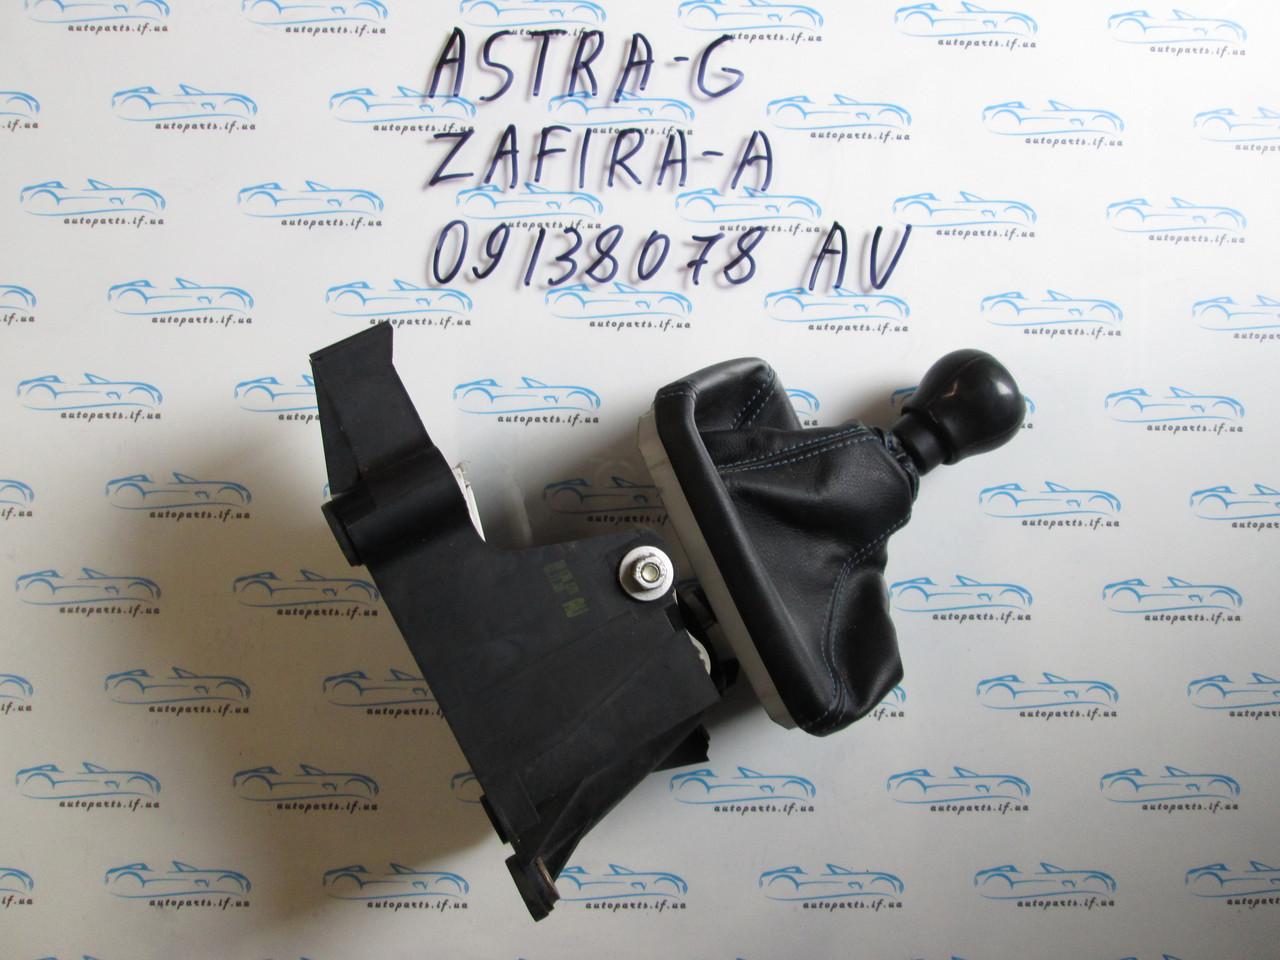 Кулиса, рычаг КПП F23 5ступка Vectra B, Вектра Б 09138078